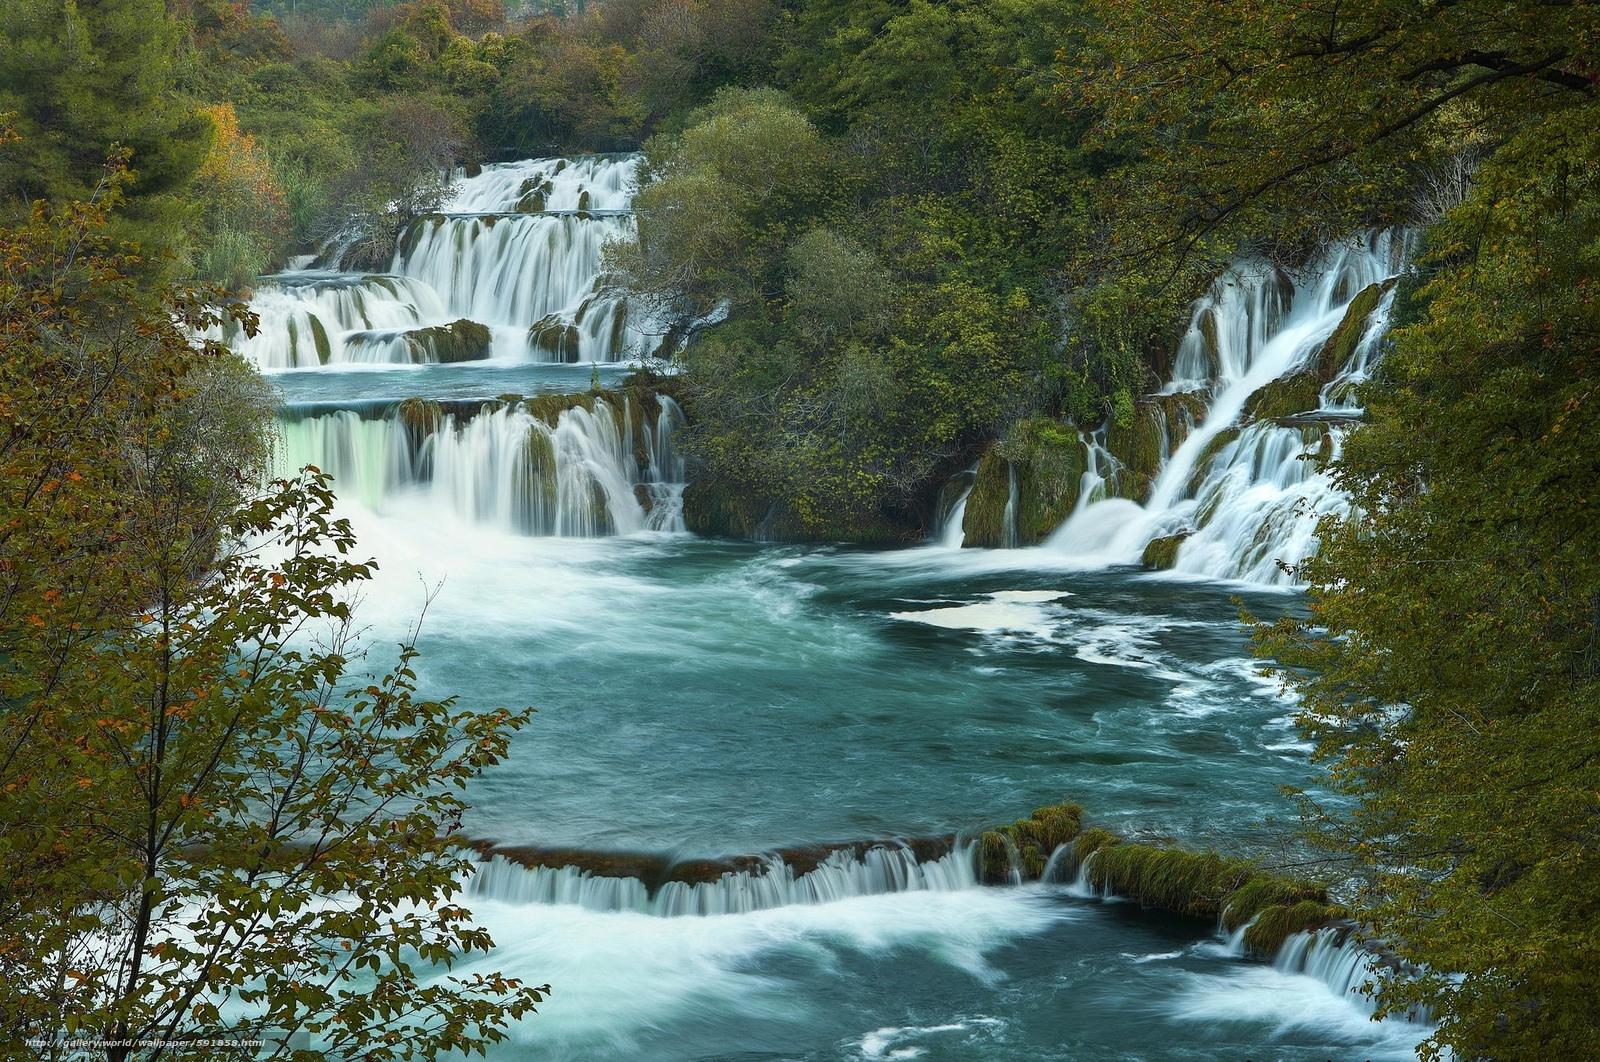 壁纸 风景 旅游 瀑布 山水 桌面 1600_1062